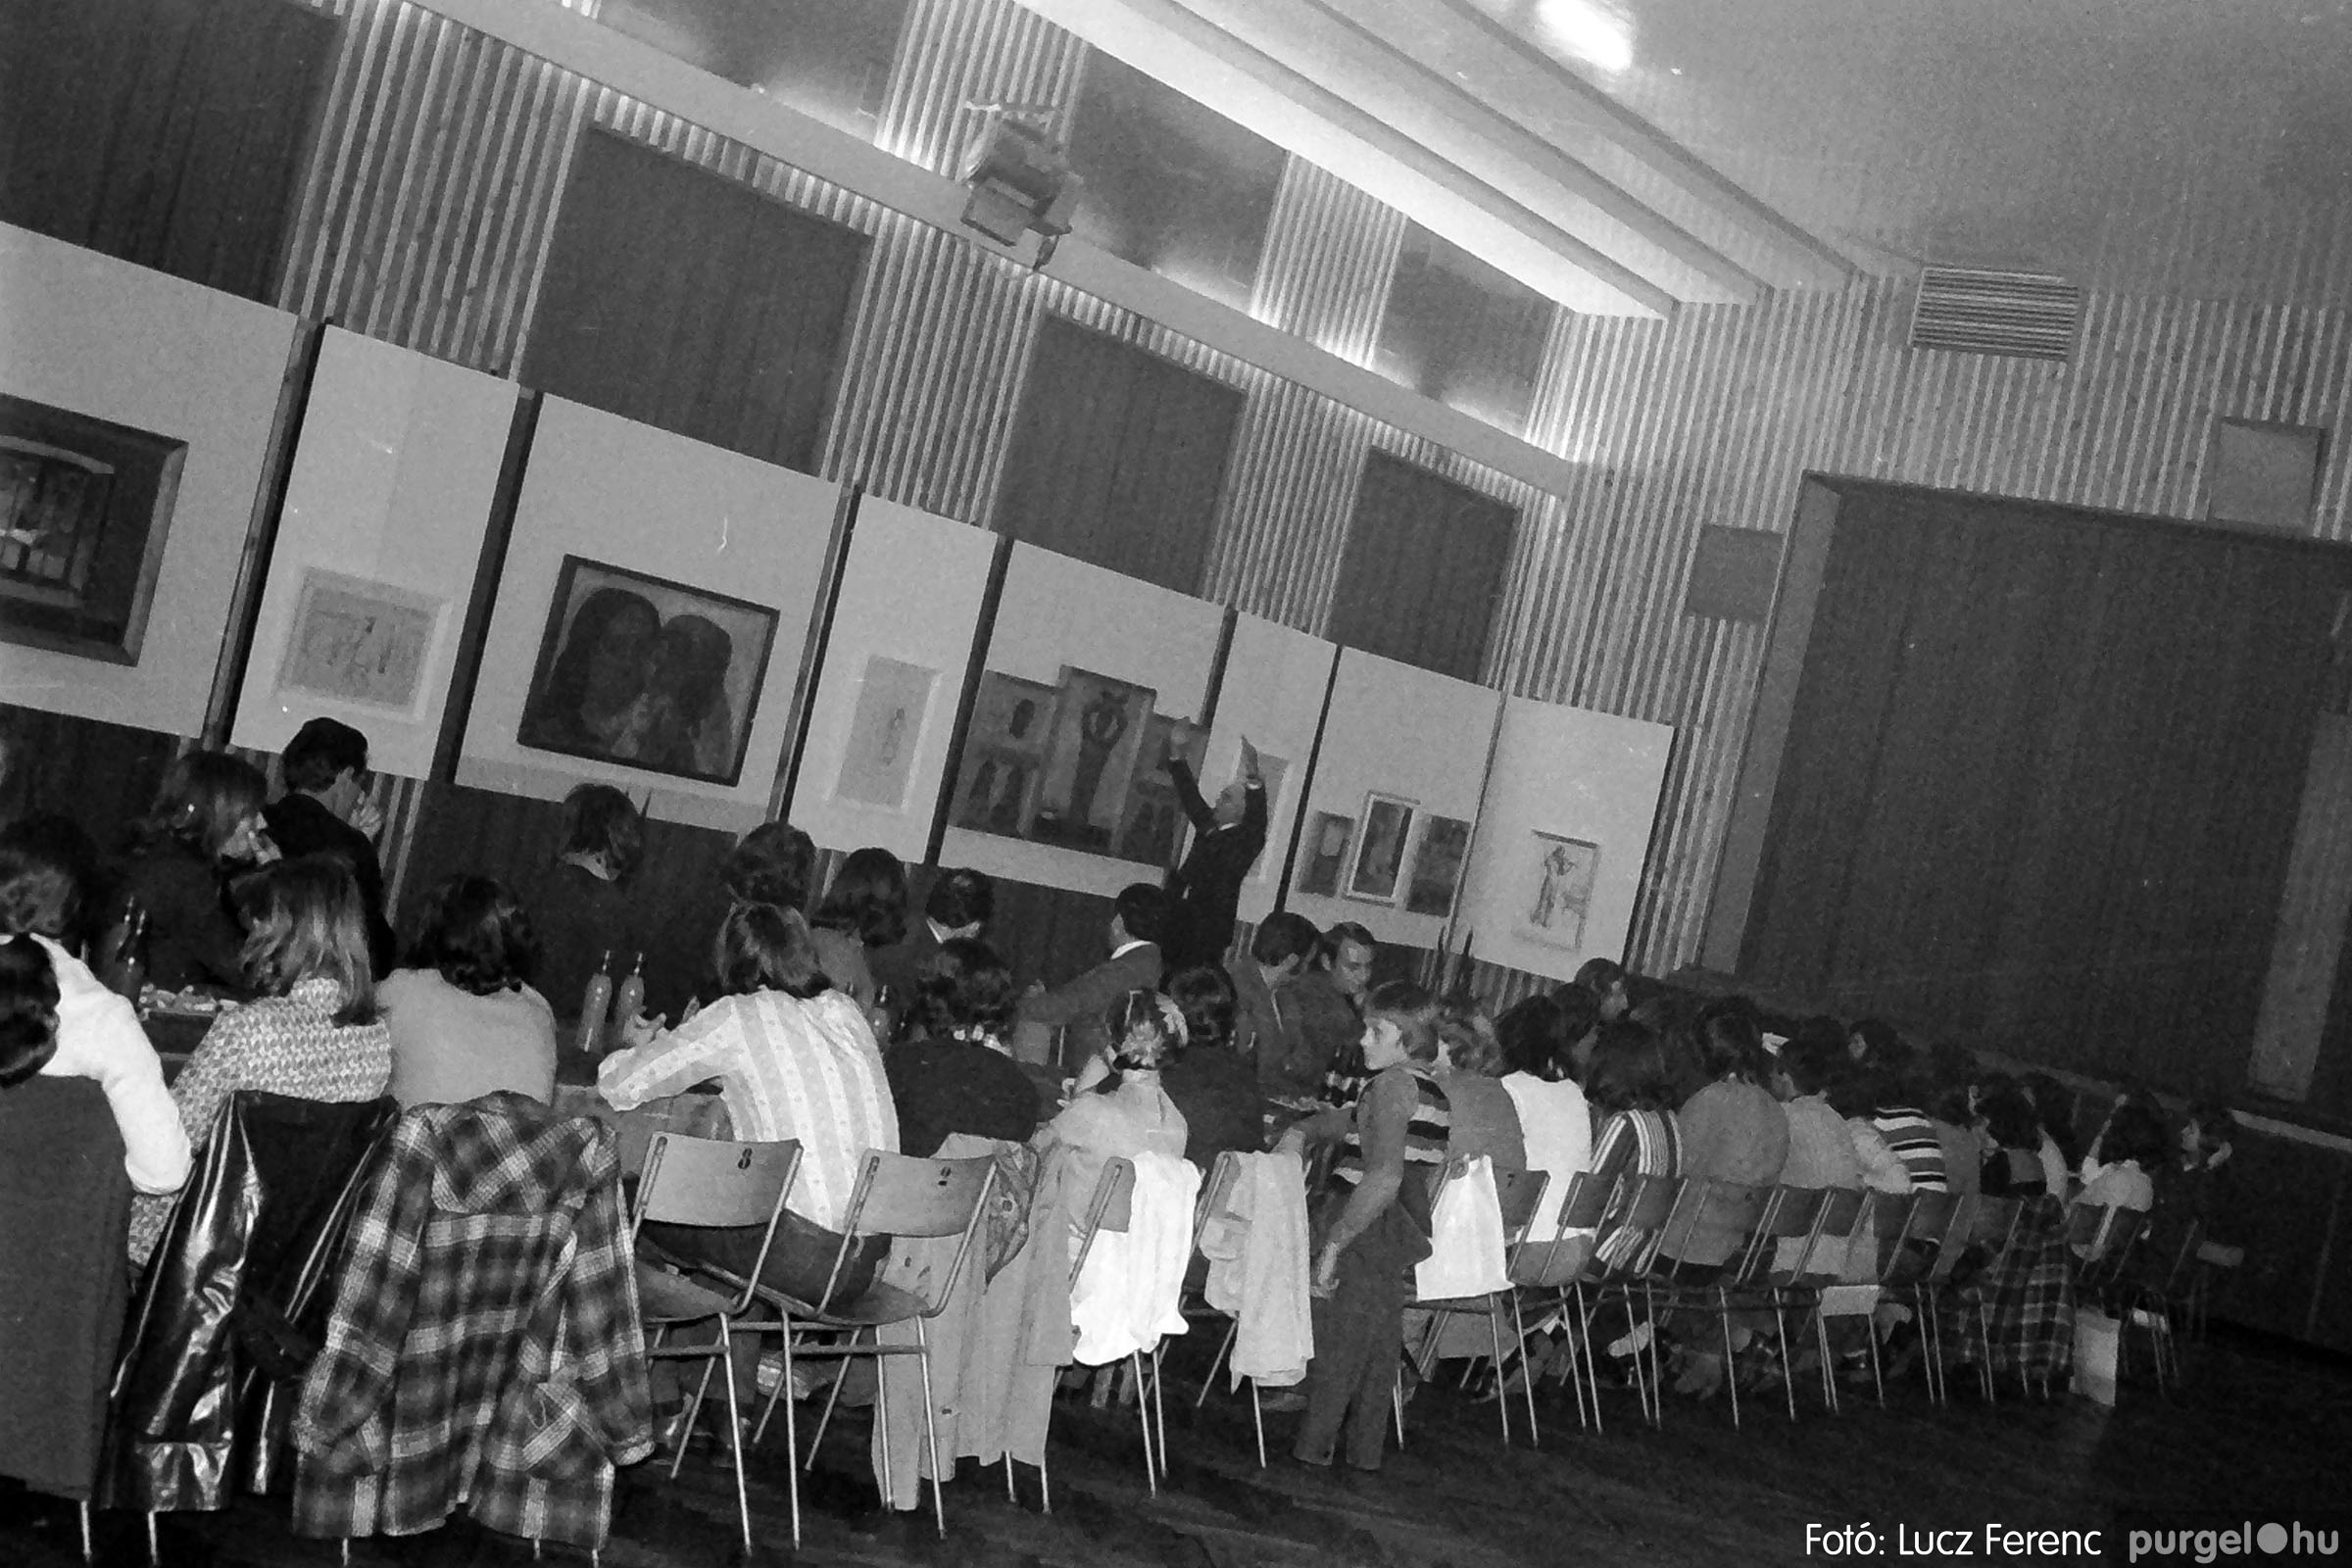 024 1975.10. Németh József és Szalay Ferenc festőművészek kiállítása 022 - Fotó: Lucz Ferenc IMG00223q.jpg